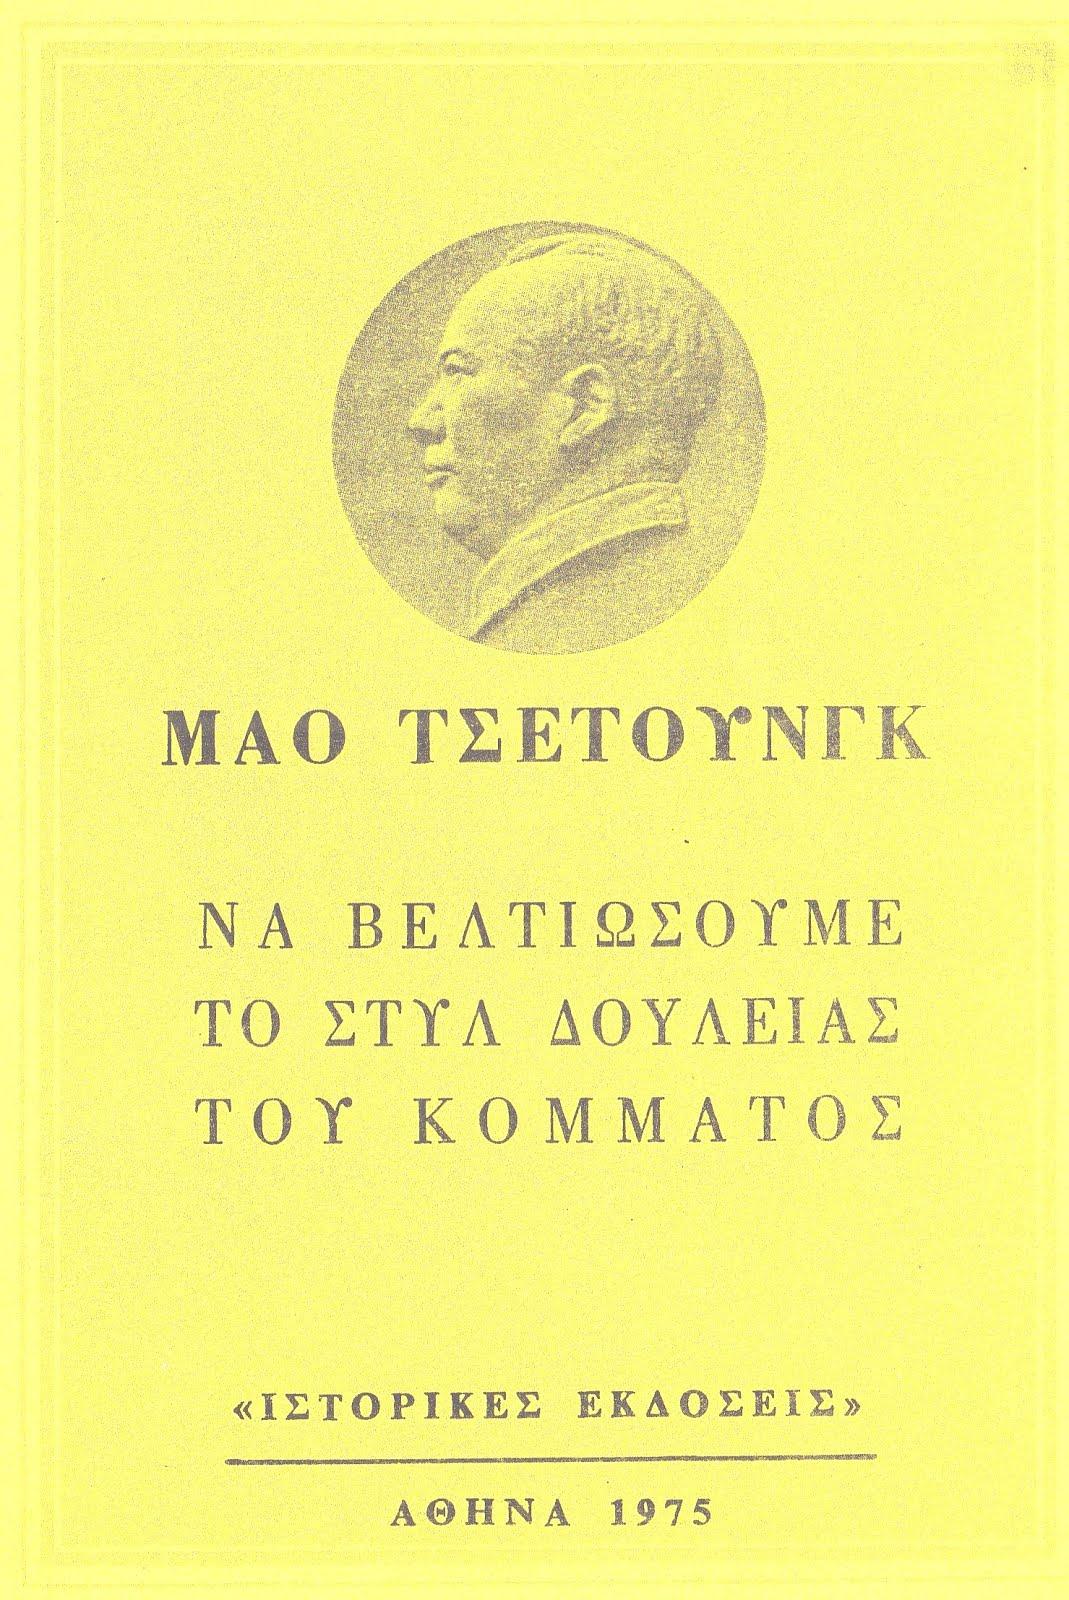 ΜΑΟ ΤΣΕ ΤΟΥΝΓΚ - ΝΑ ΒΕΛΤΙΩΣΟΥΜΕ ΤΟ ΣΤΥΛ ΔΟΥΛΕΙΑΣ ΤΟΥ ΚΟΜΜΑΤΟΣ (1942)